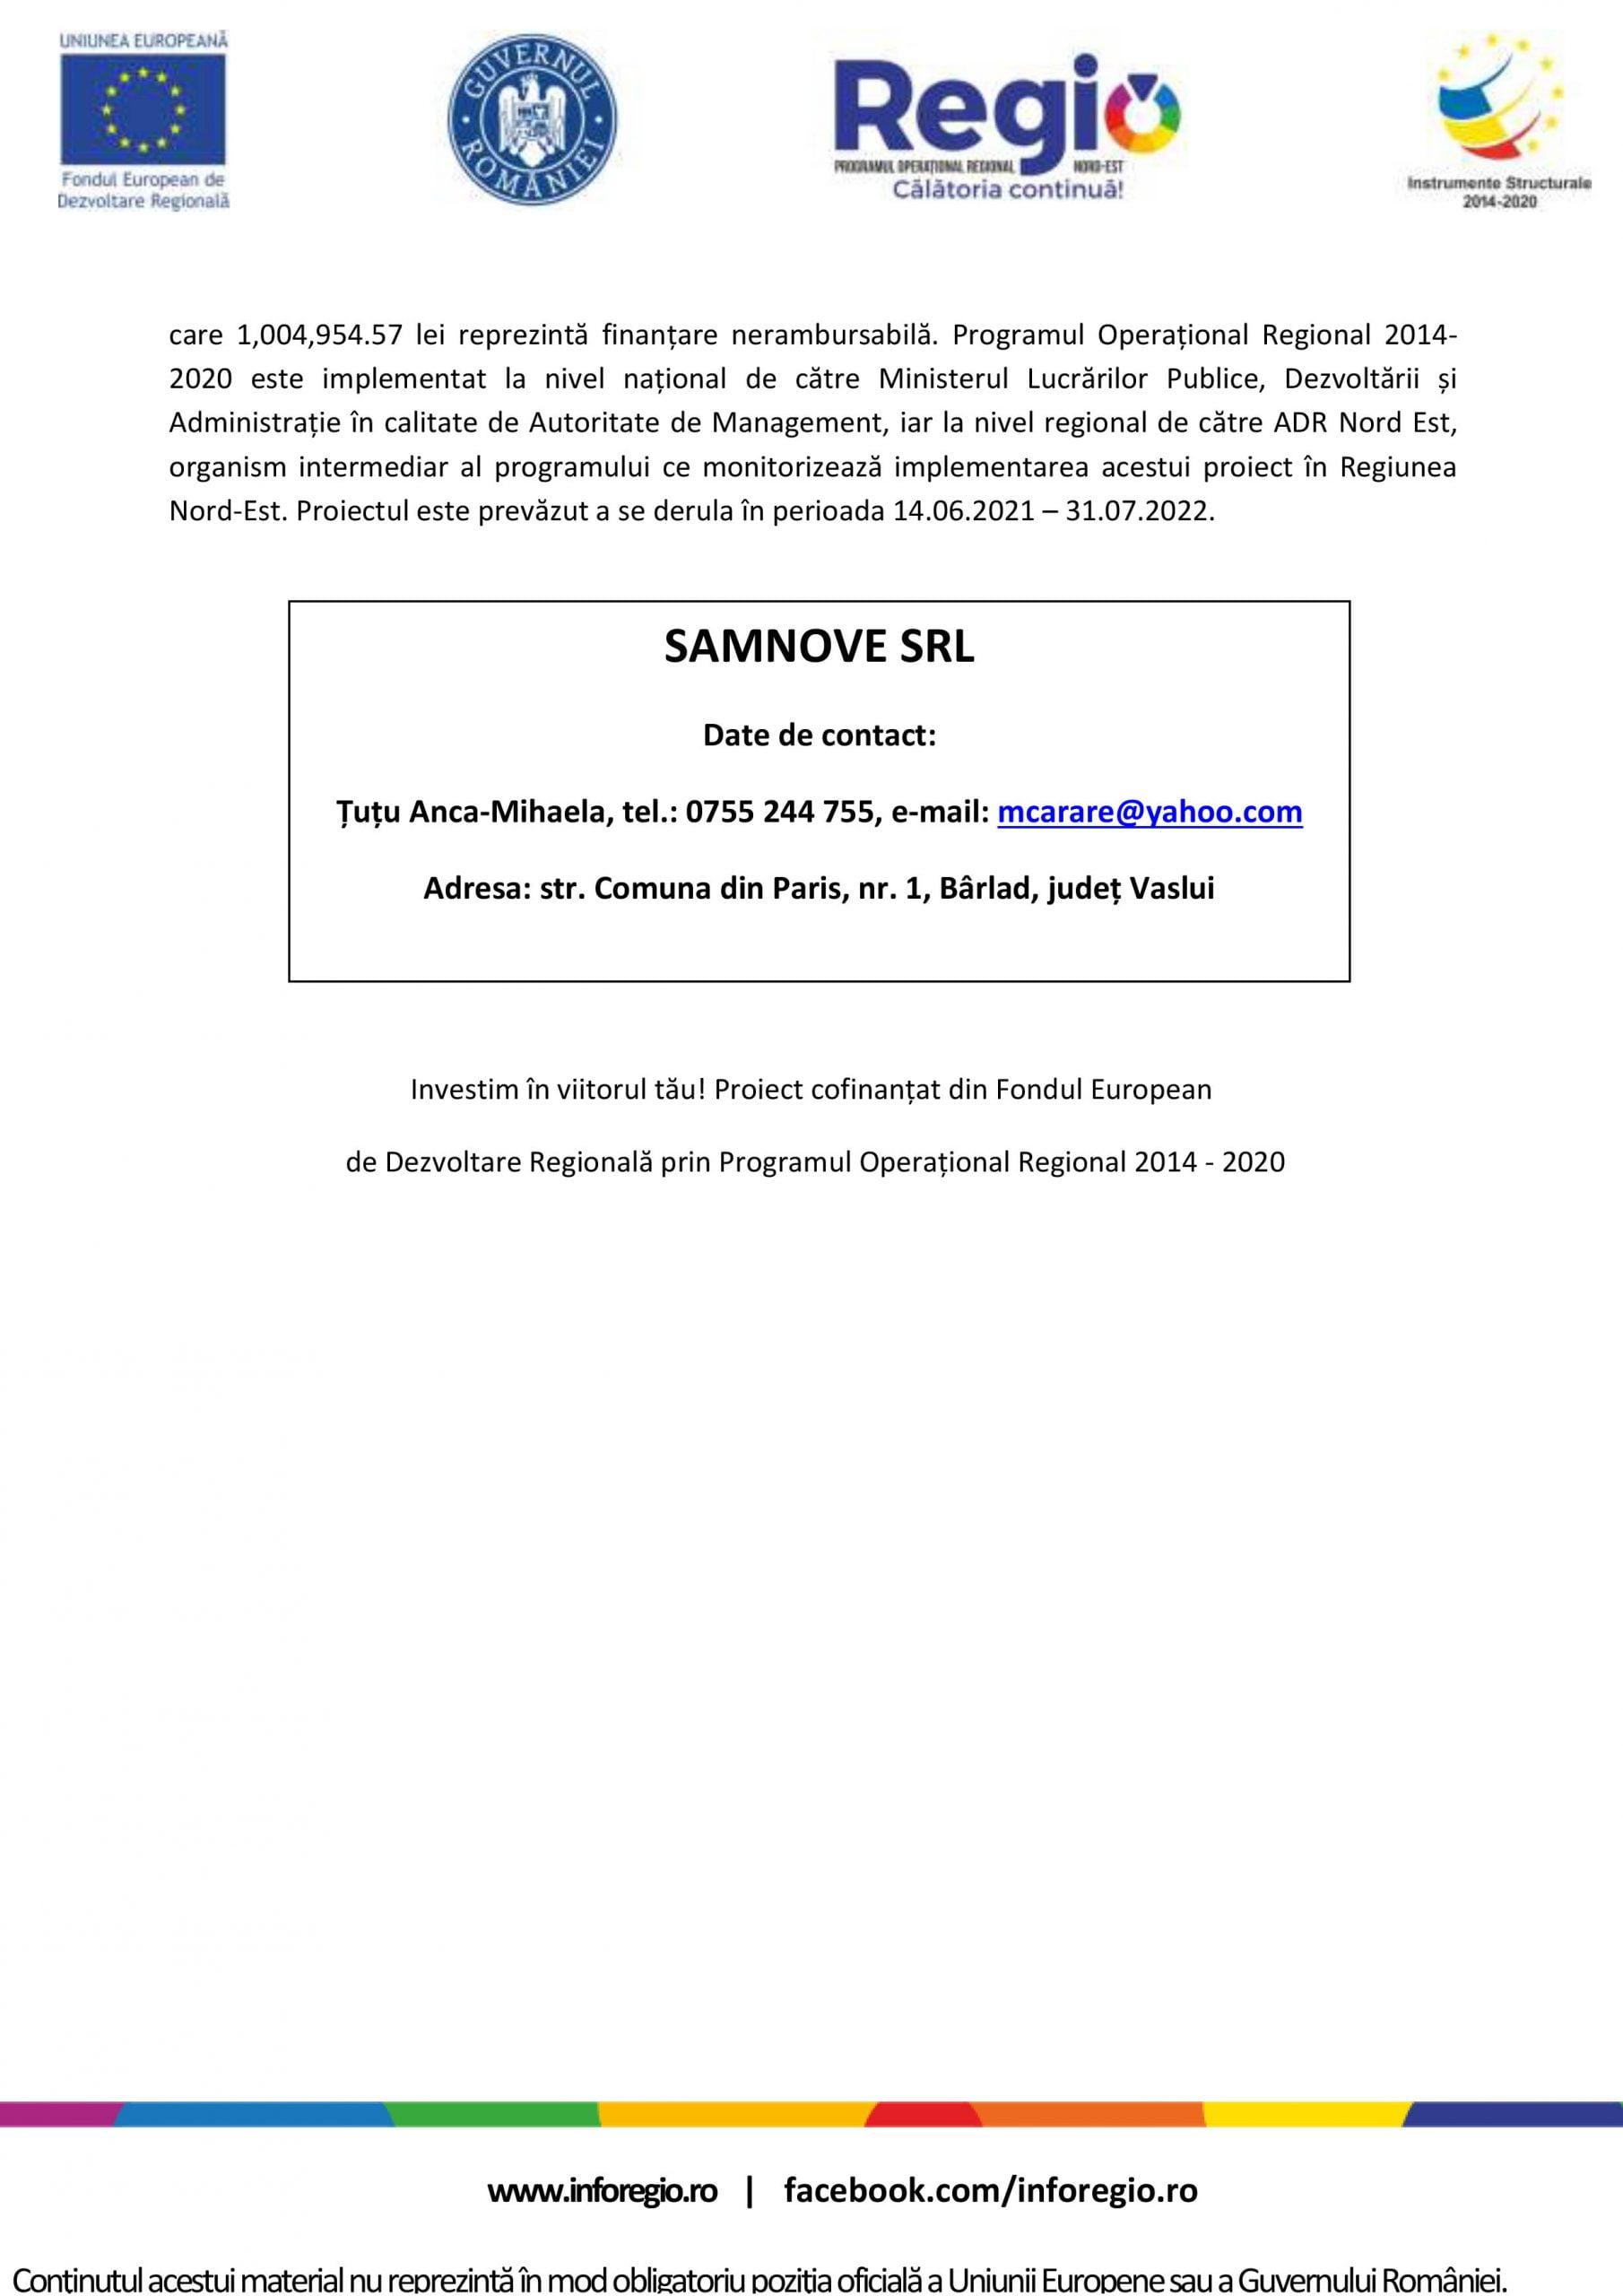 Anunț demarare implementare proiect: Diversificarea activității societății SAMNOVE SRL prin achiziția de echipamente tehnologice performante și eco-eficiente